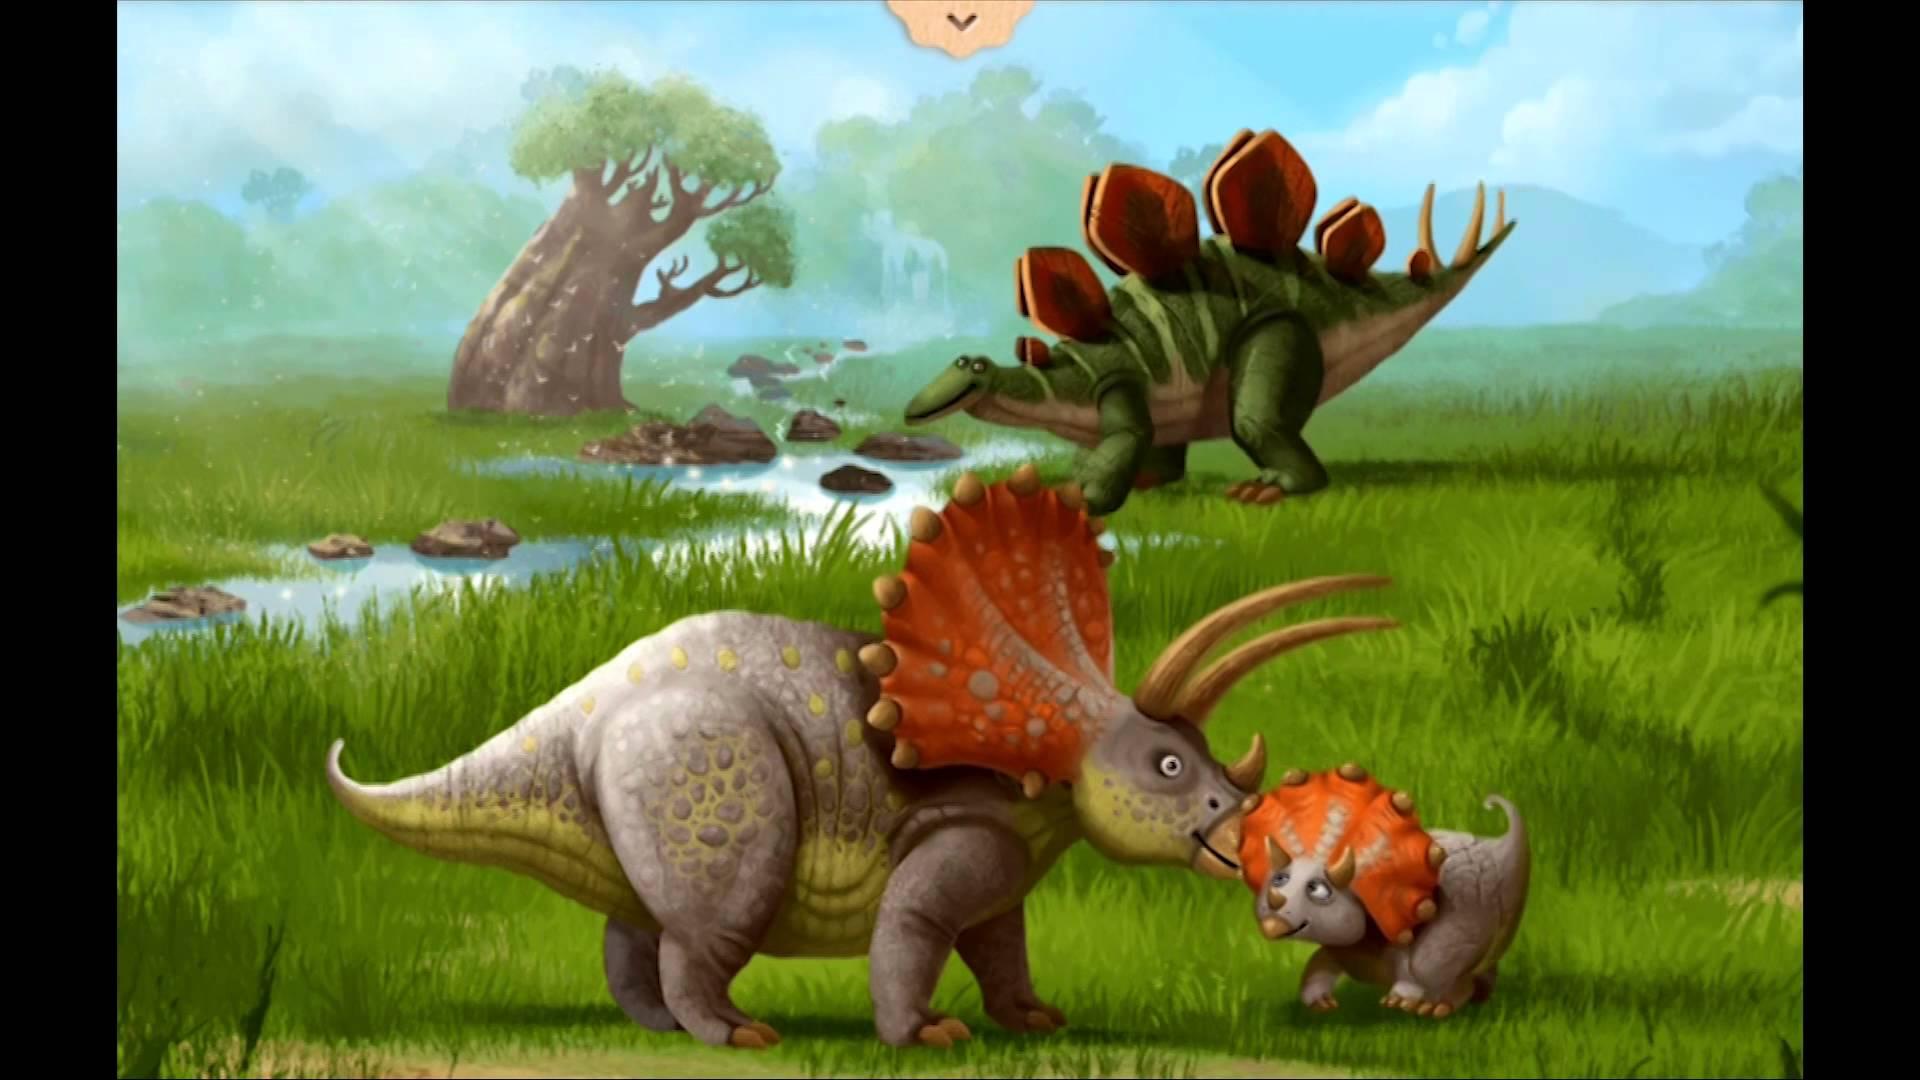 Картинки динозавры для детей, динозавры для детей картинки, динозавры картинки для детей